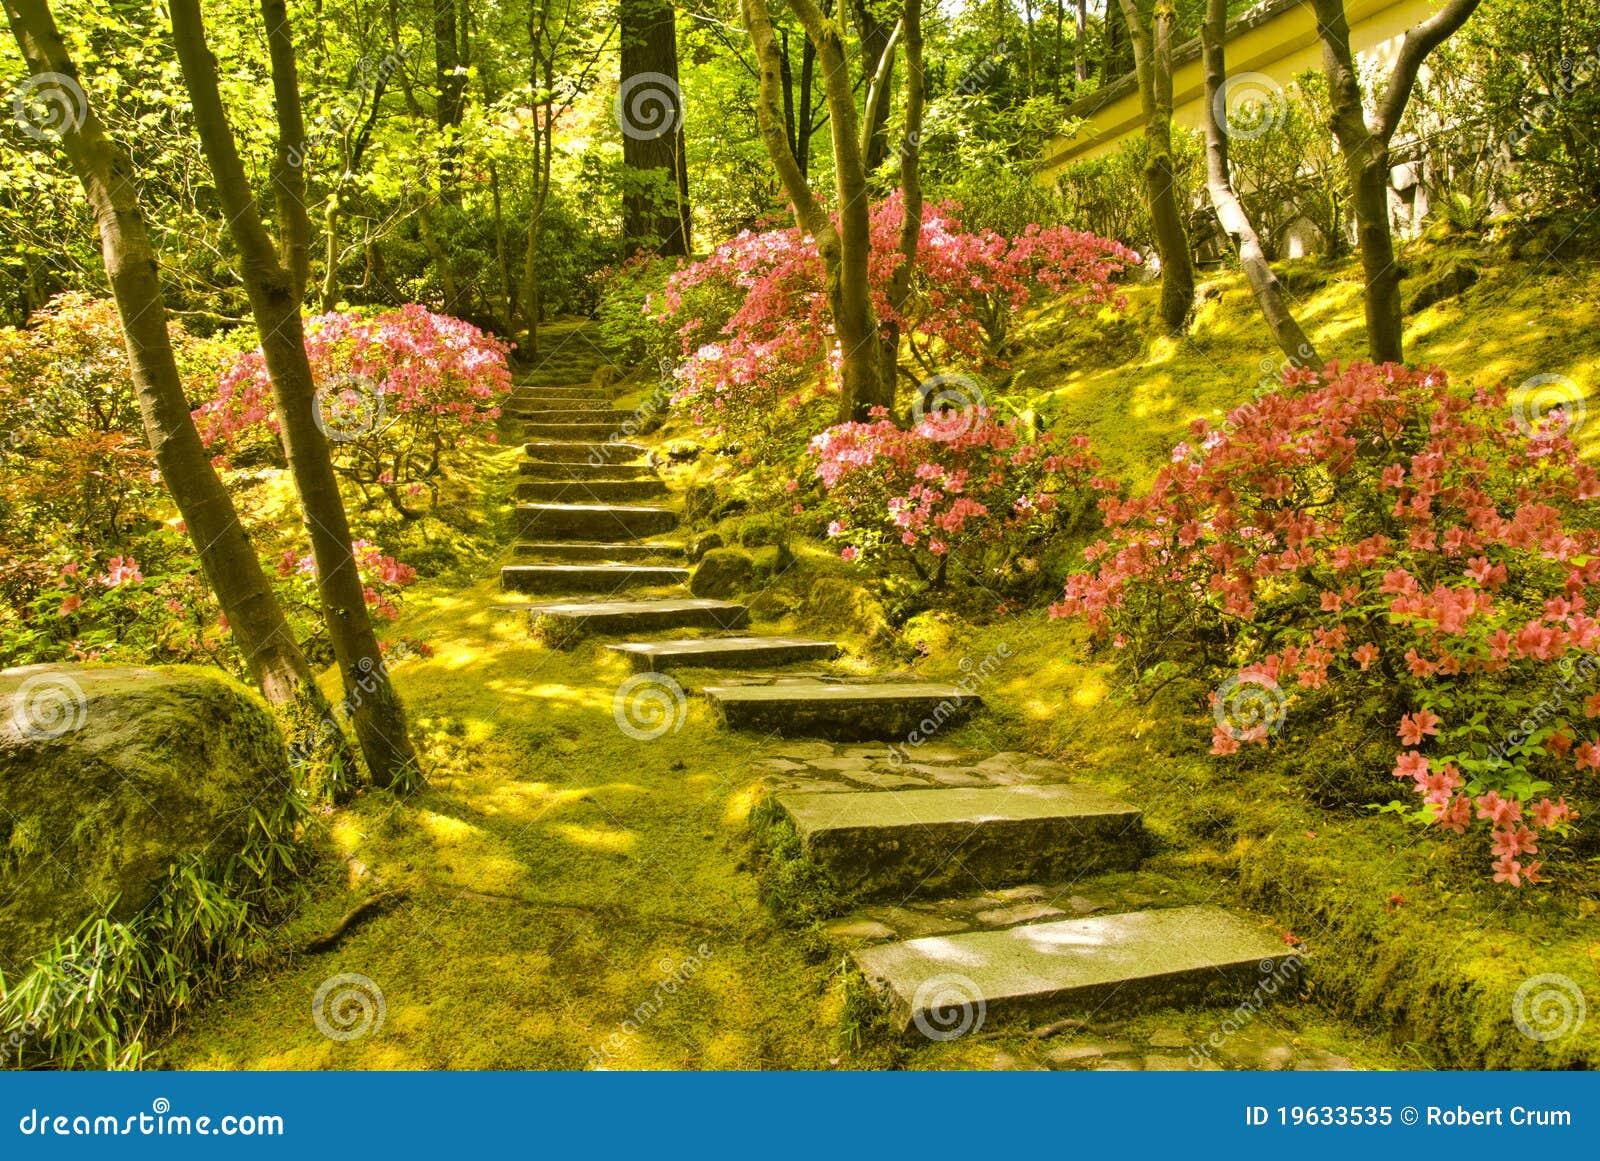 Escaleras r sticas foto de archivo libre de regal as - Fotos de escaleras rusticas ...